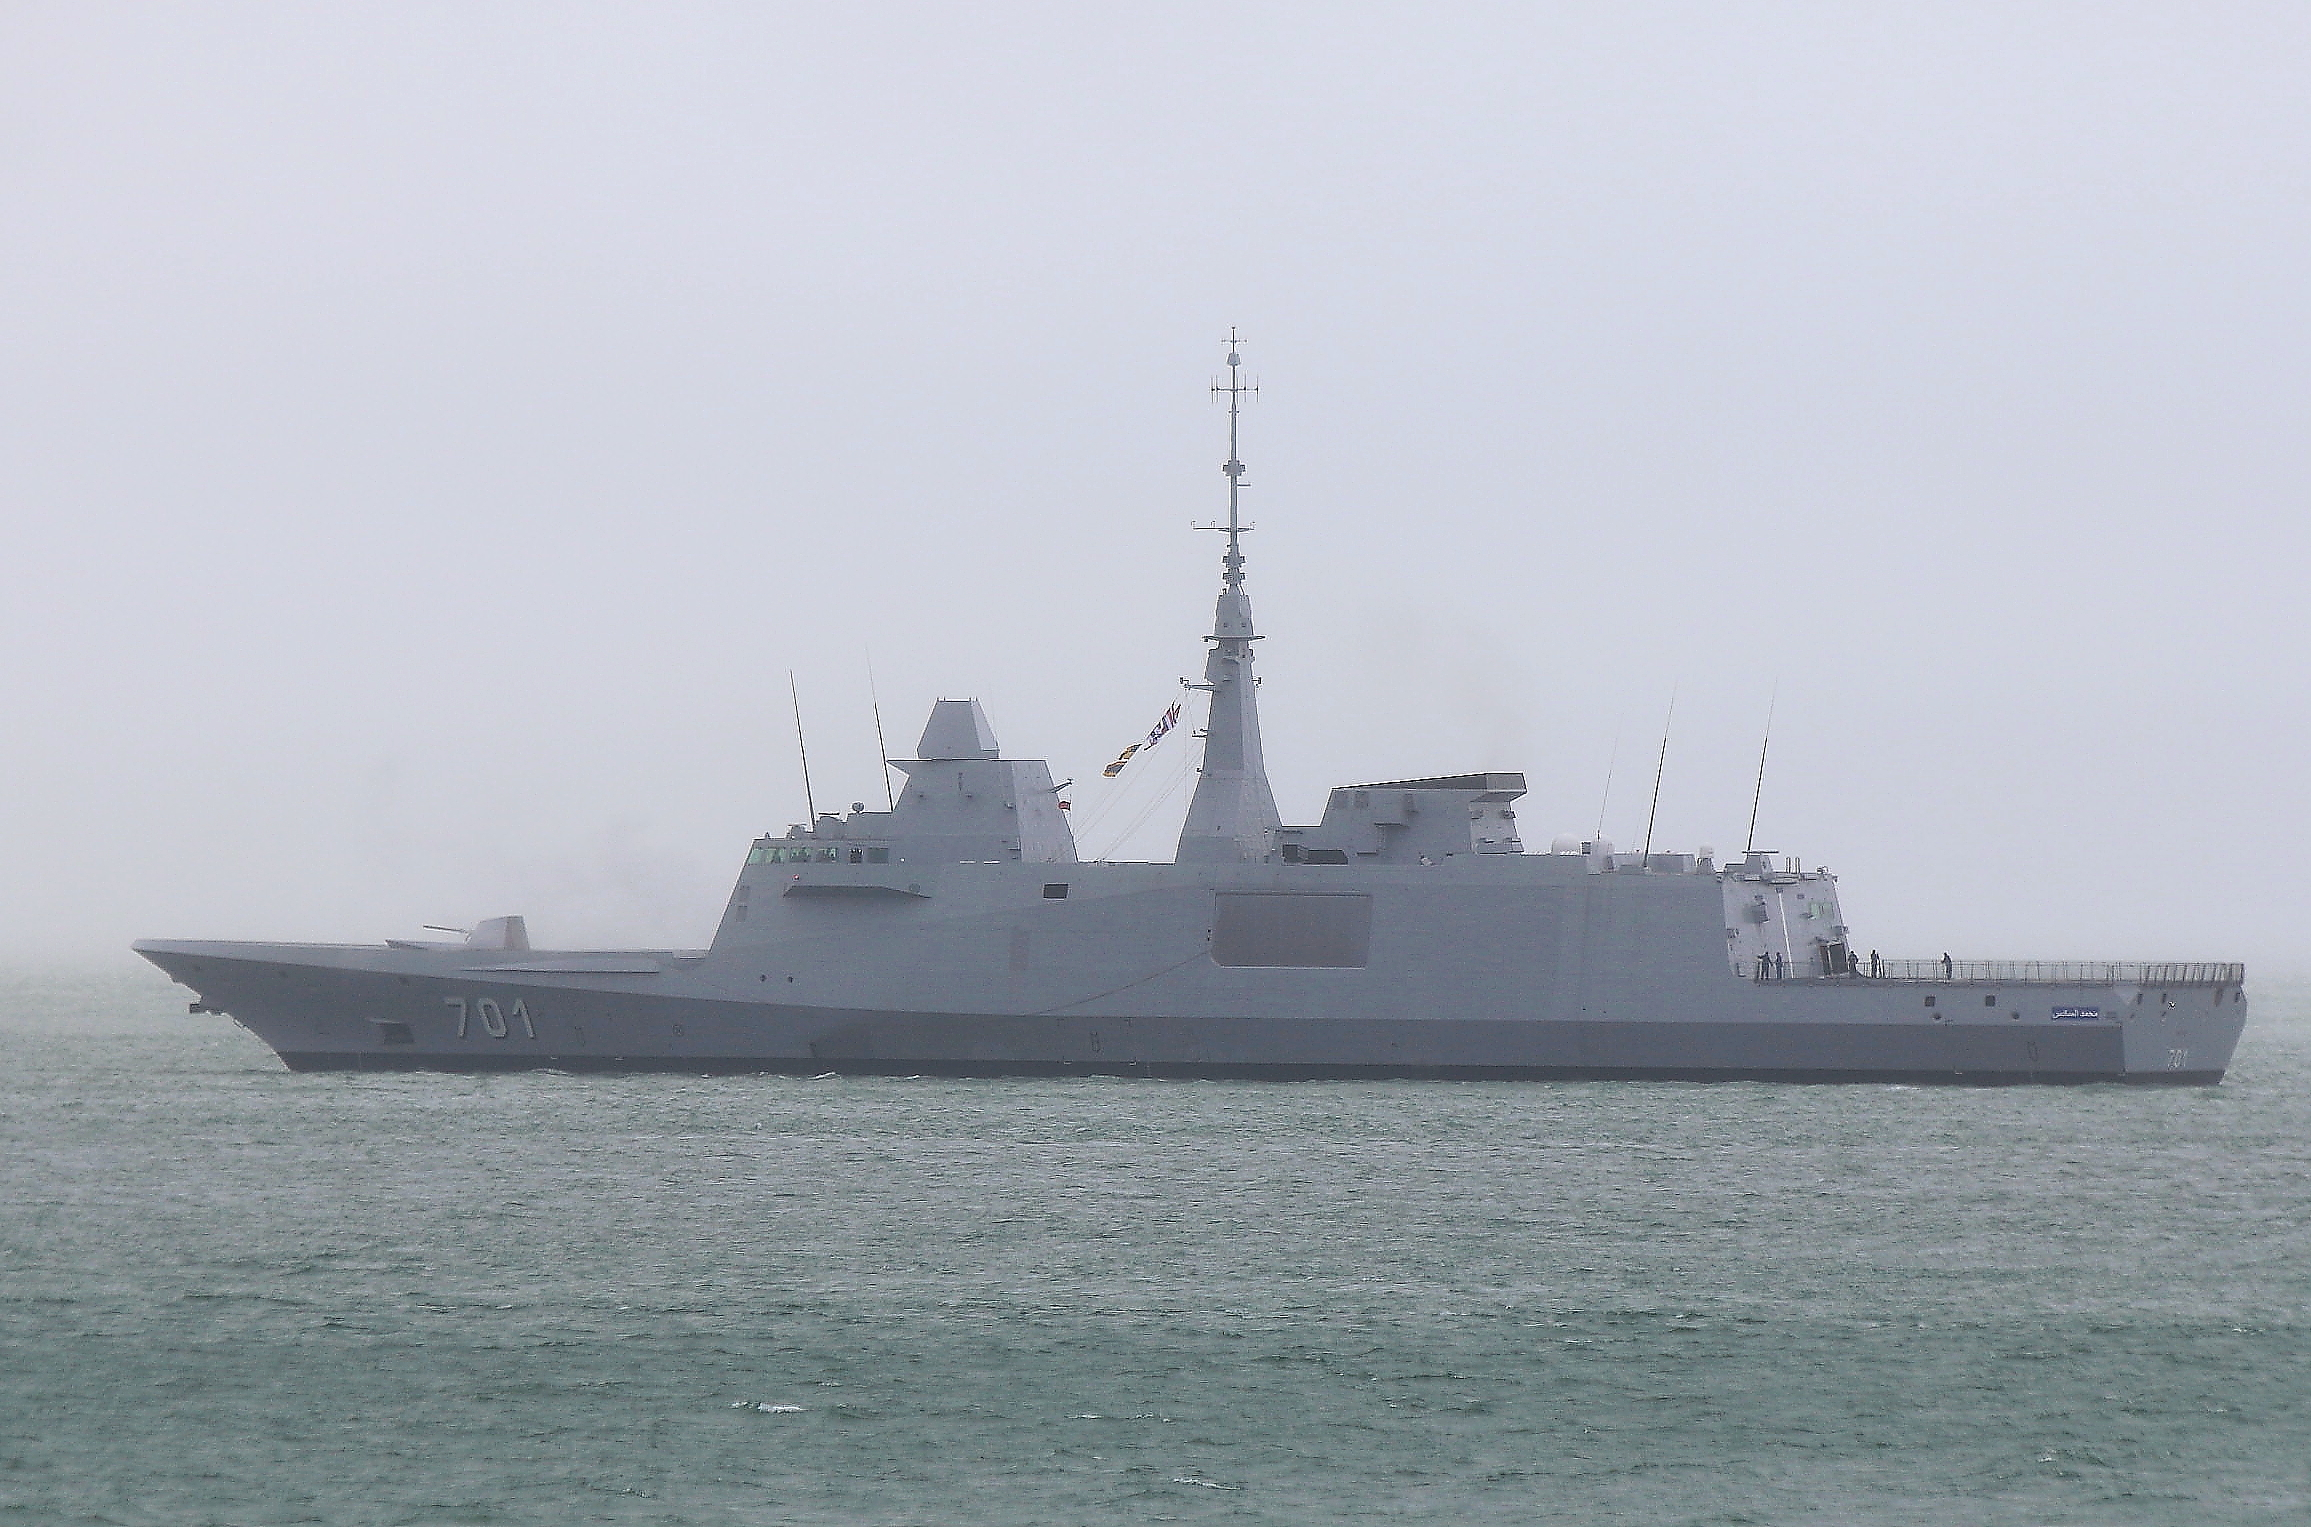 البحرية الملكية المغربية -شامل- - صفحة 12 2044447